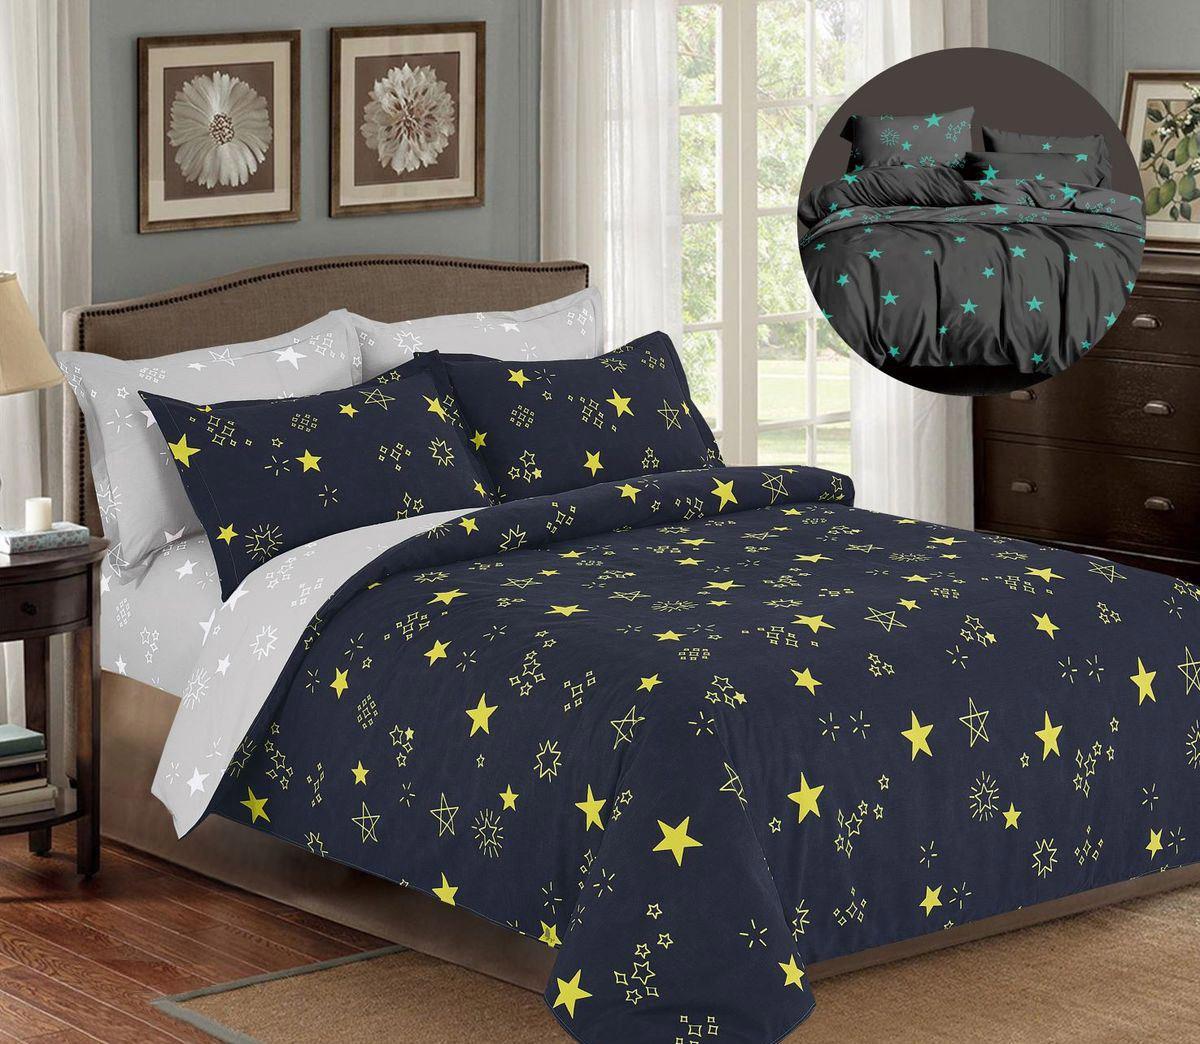 Комплект постельного белья Евромакси, поплин (Звезды)